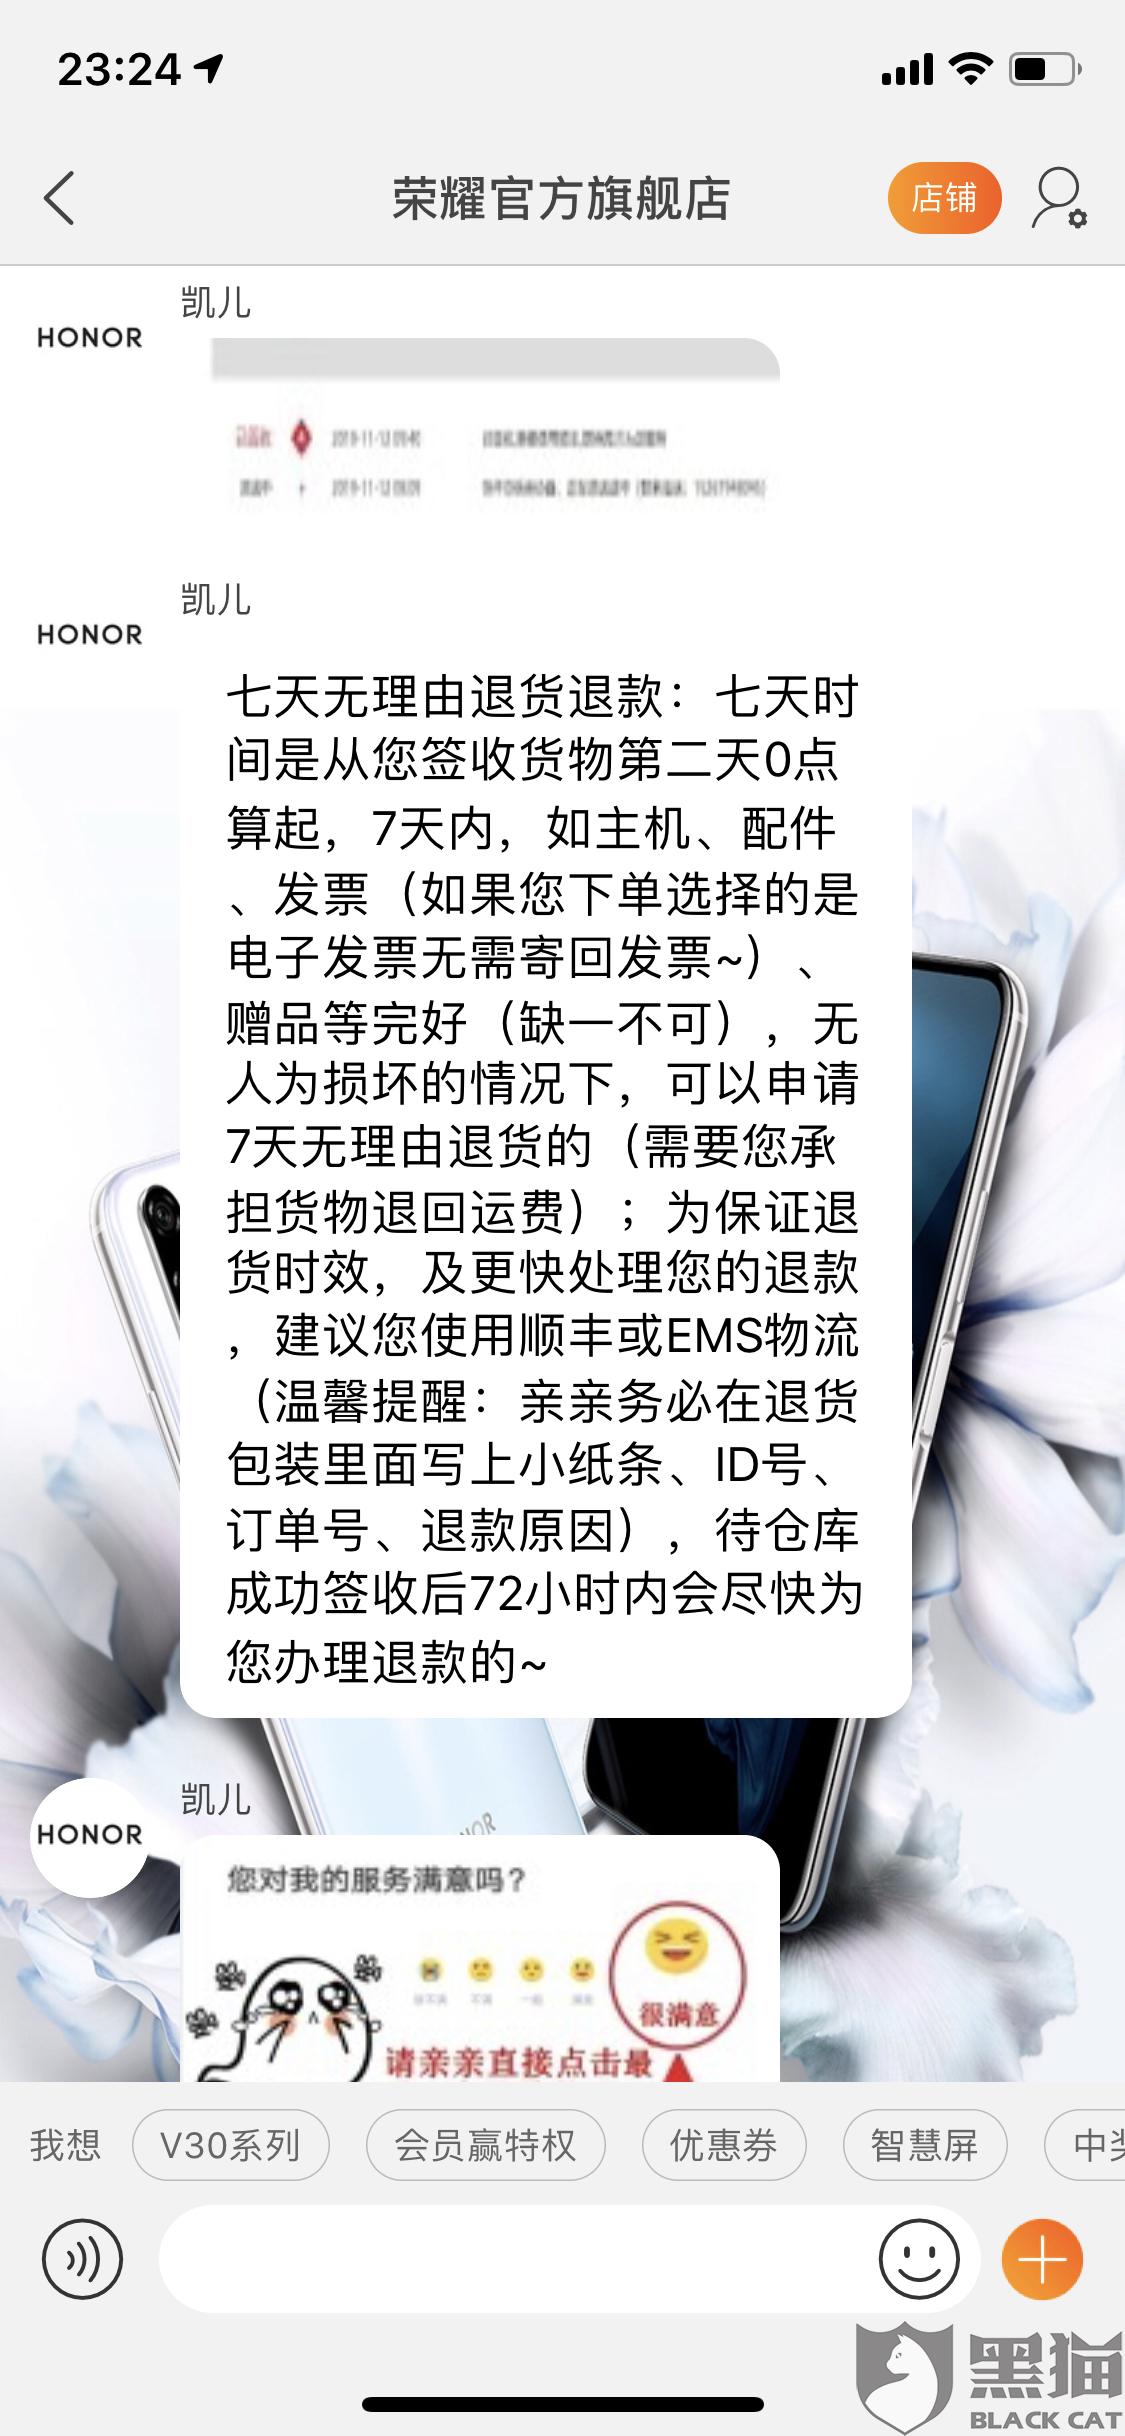 黑猫投诉:天猫荣耀旗舰店客服服务质量太差